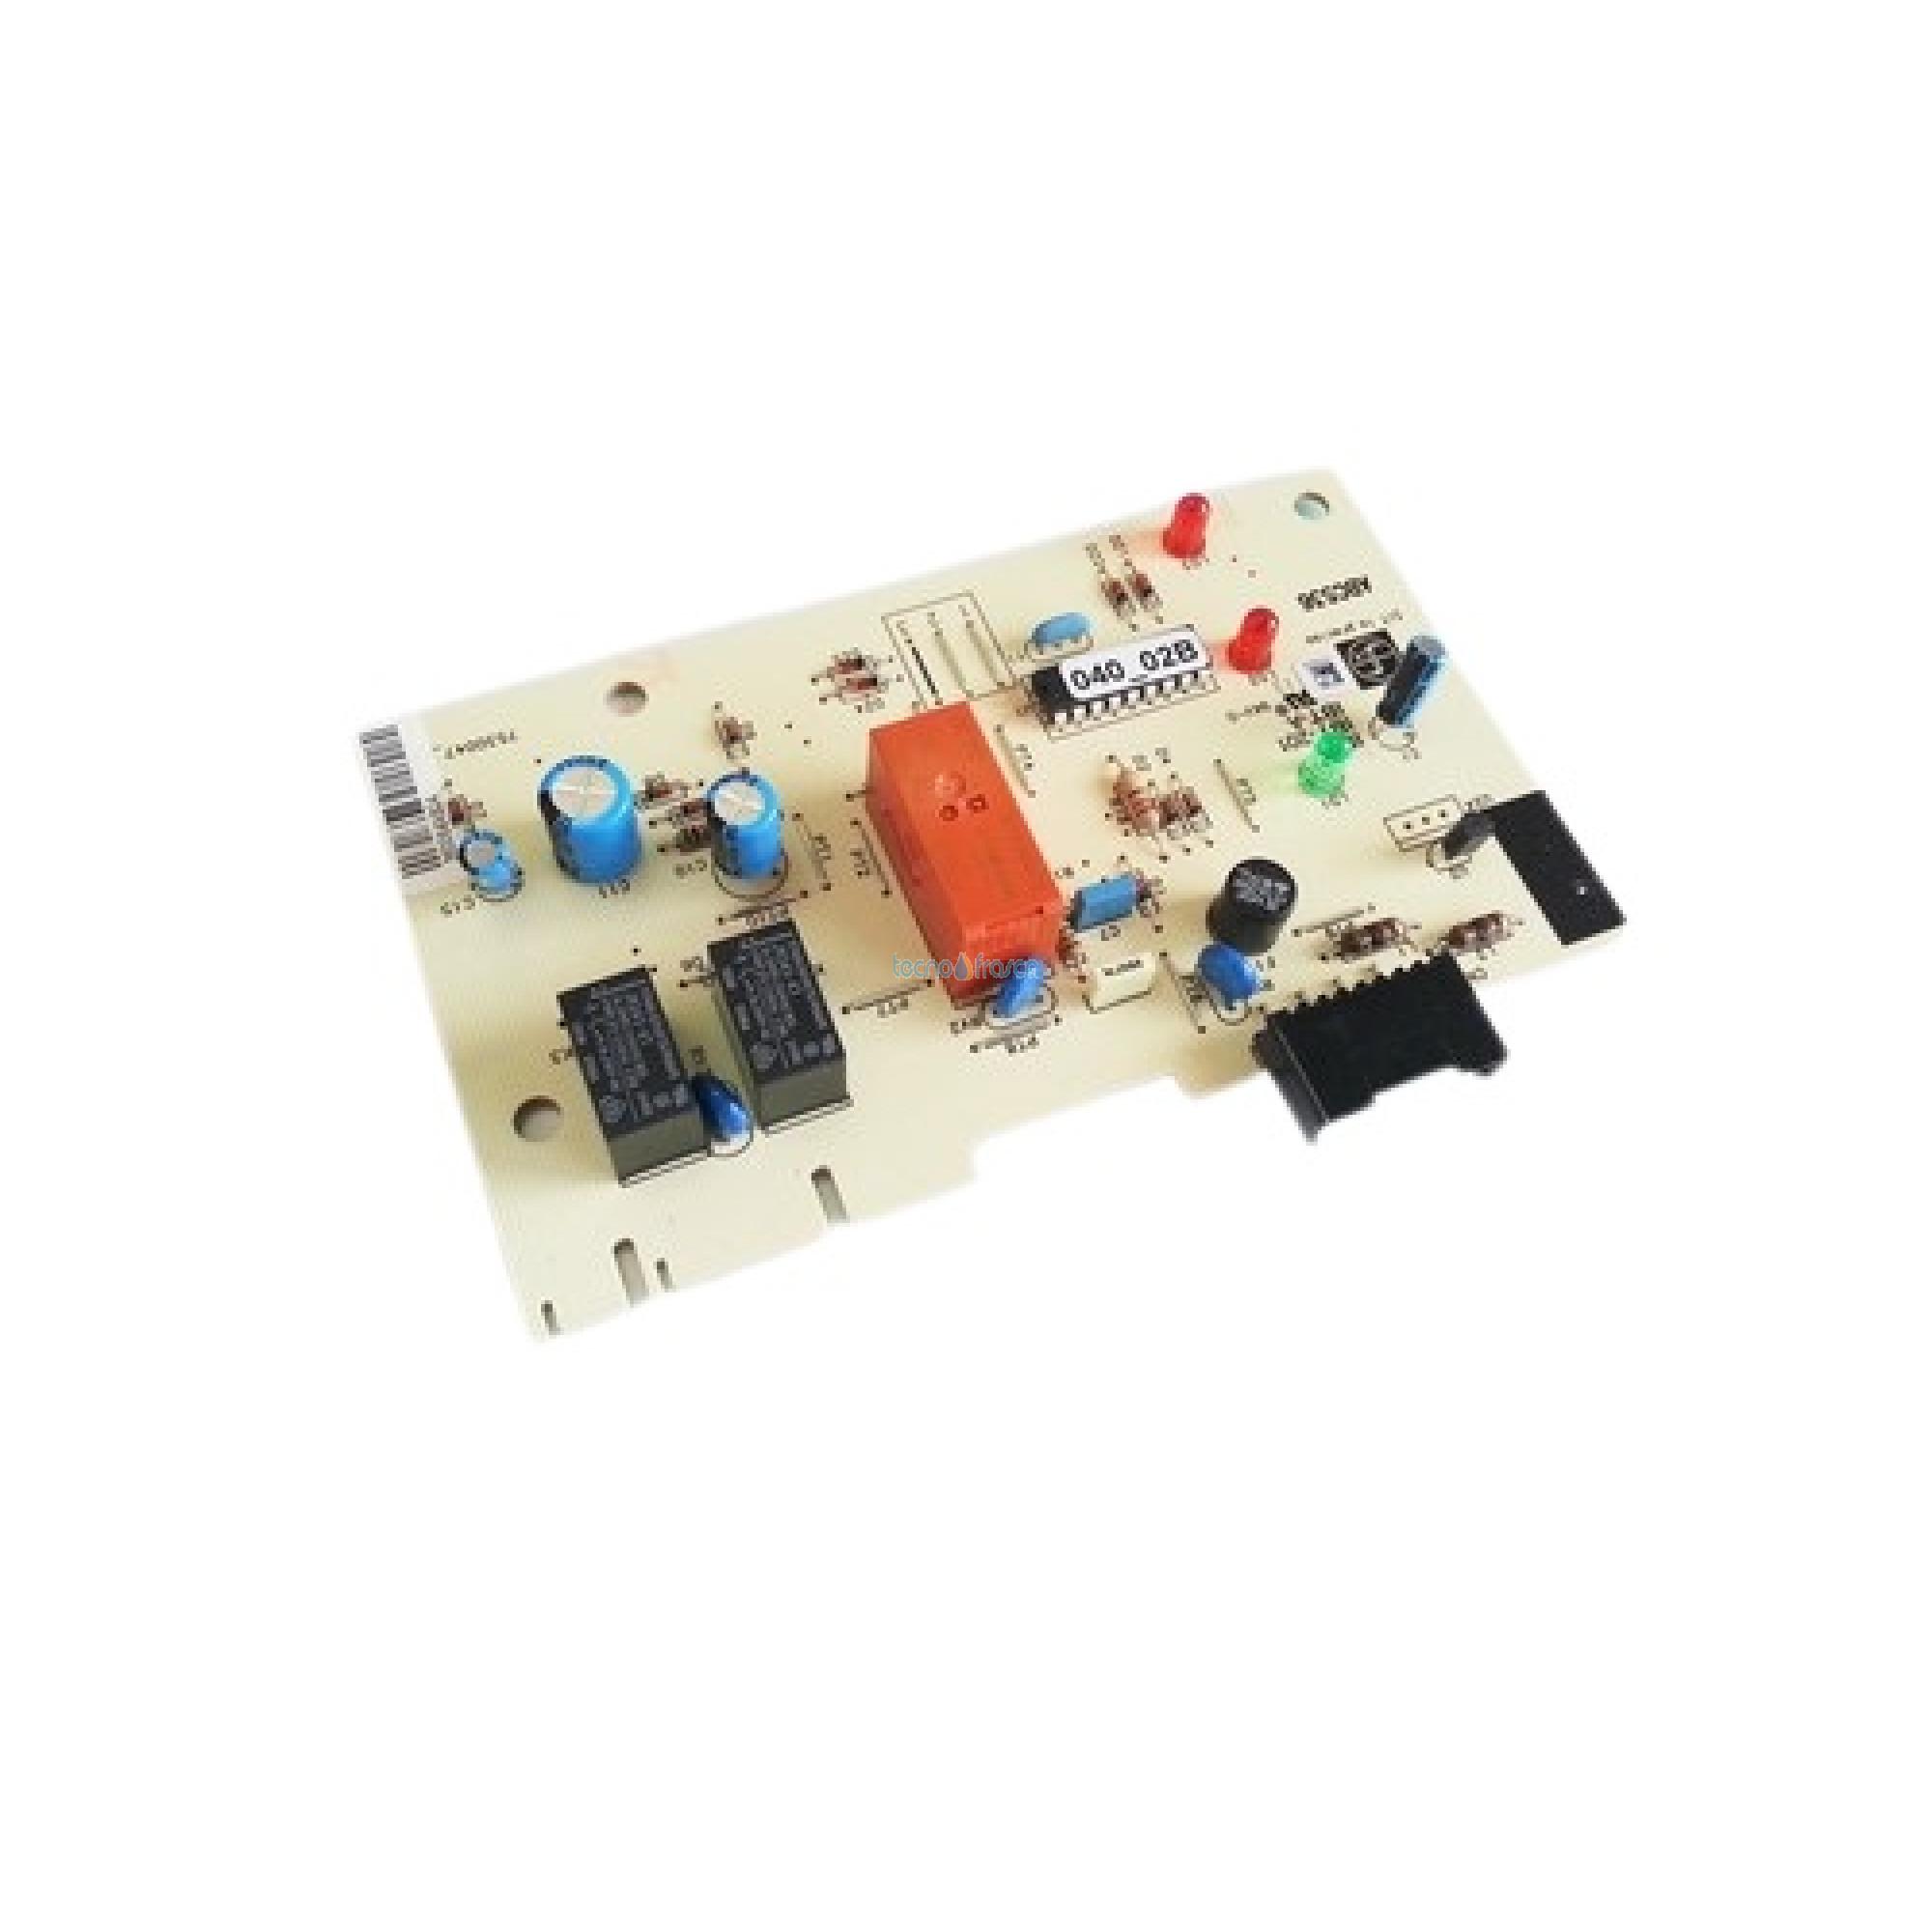 Saunier duval circuito impresso 05745900